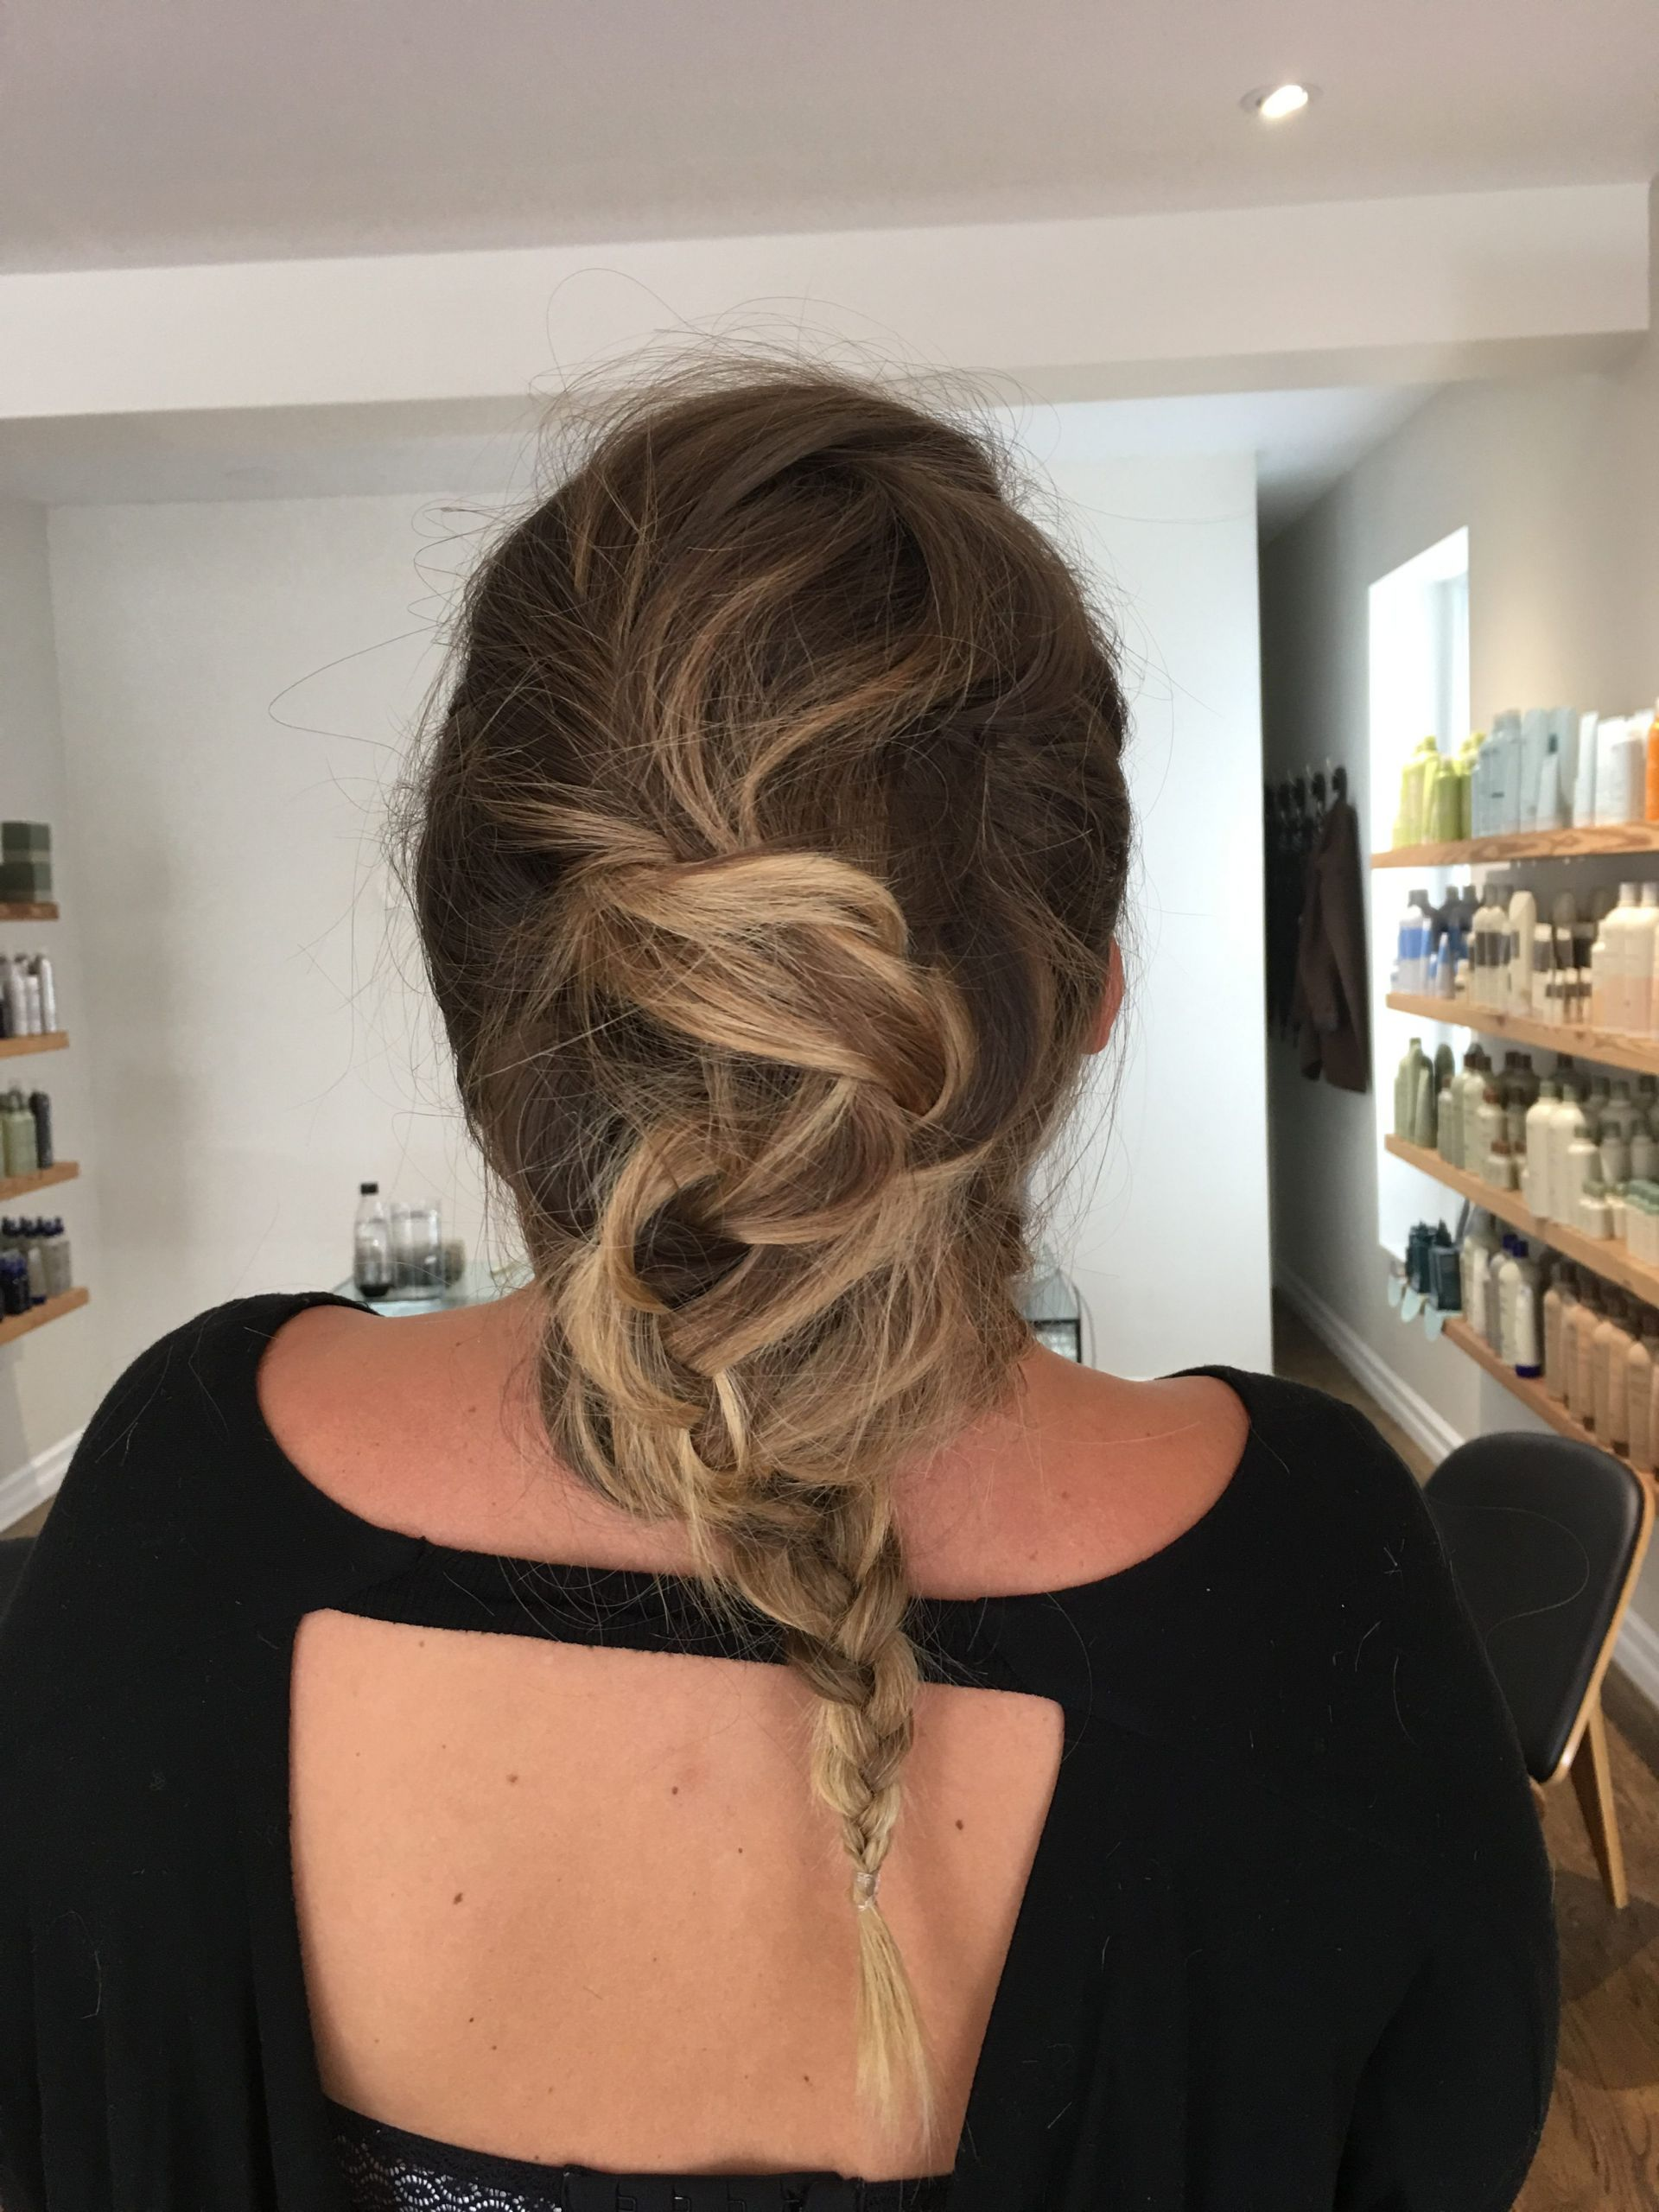 Wedding Guest Hairstyles DIY  Four DIY Wedding Guest Hairstyles WellBeing by Well